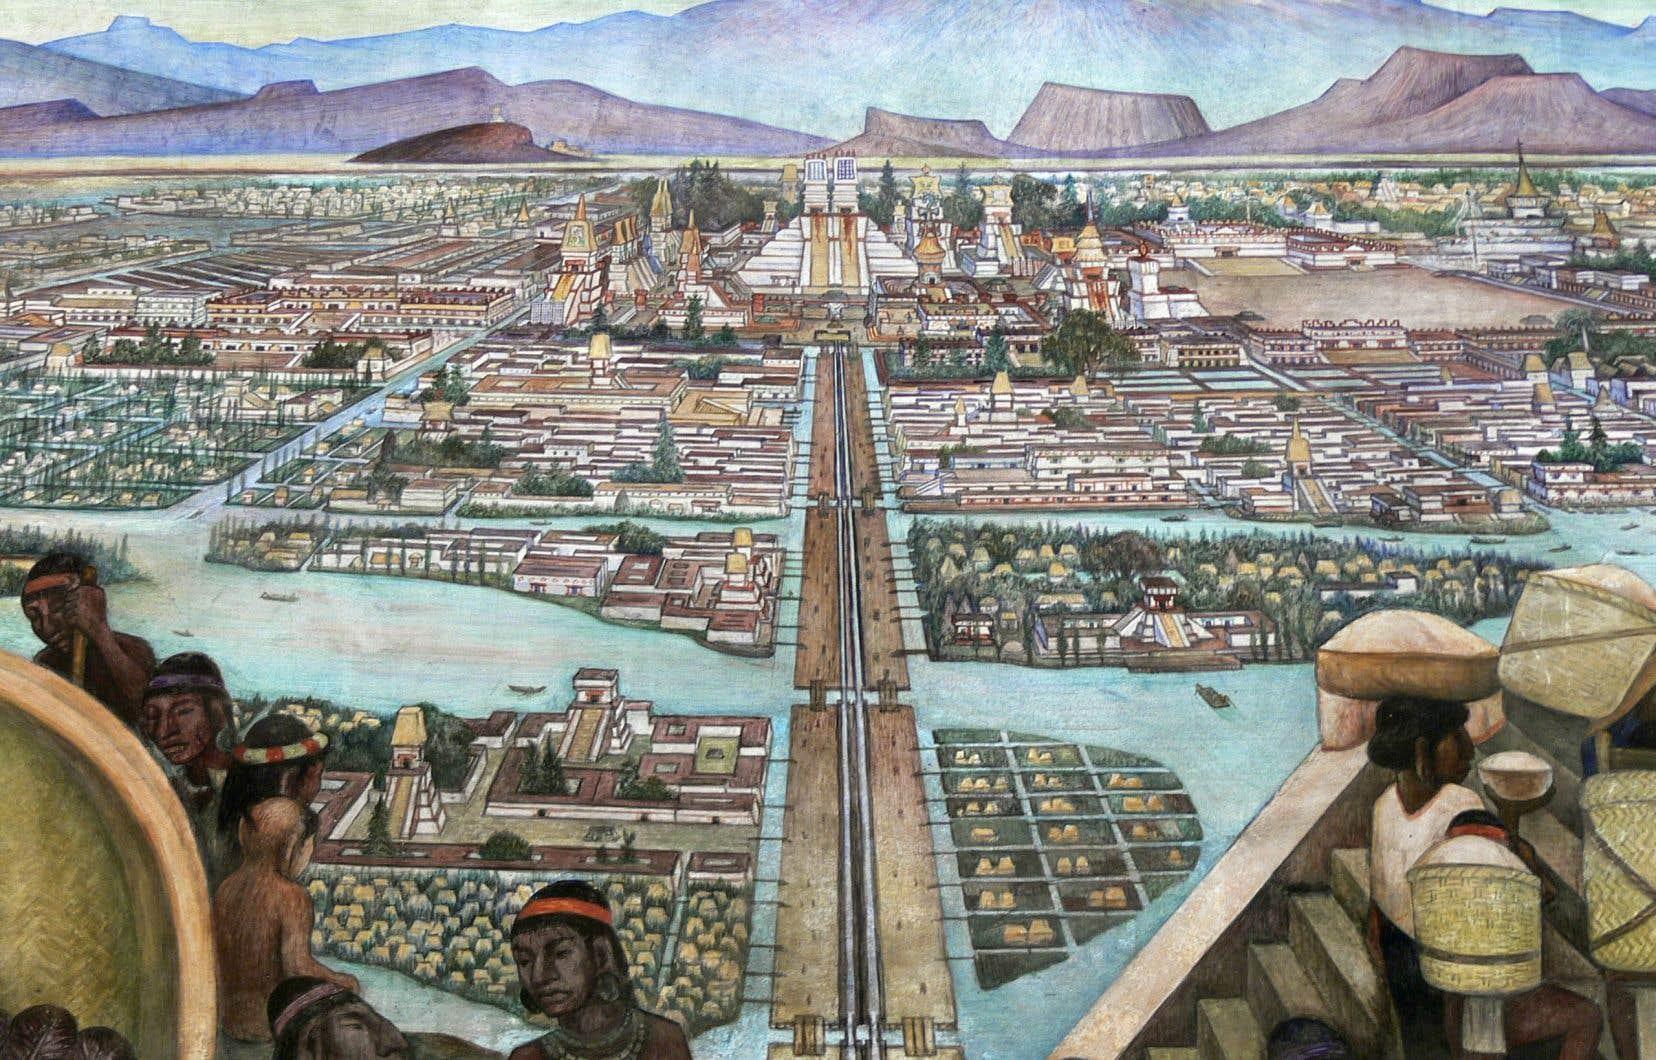 Murale de Diego Rivera représentant Tenochtitlan, devenue plus tard Mexico, à l'époque aztèque.